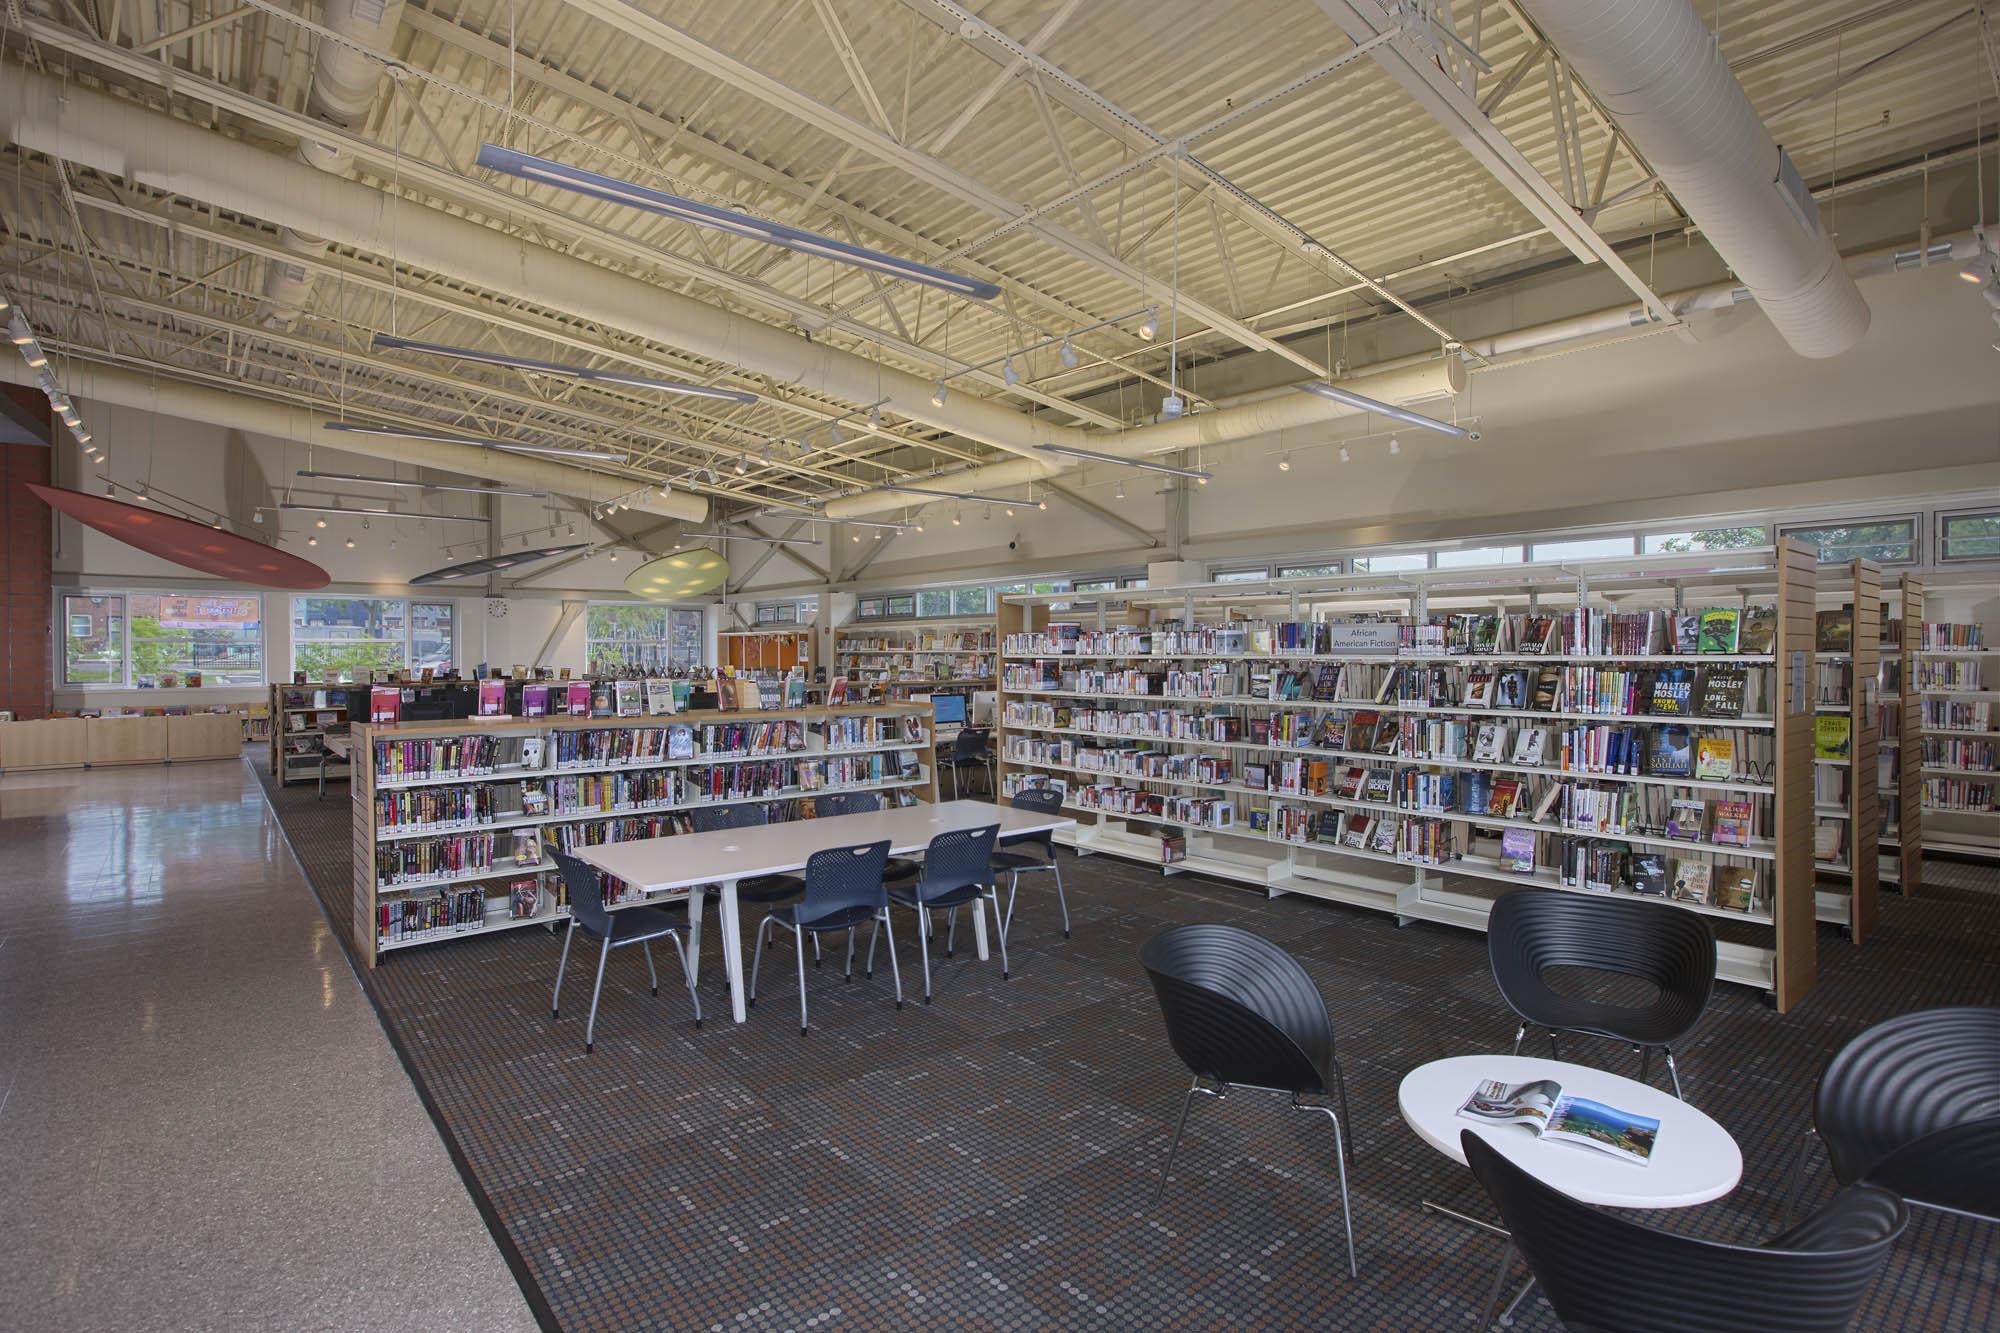 Rosedale Recreation Center Interior Image-144970.jpg